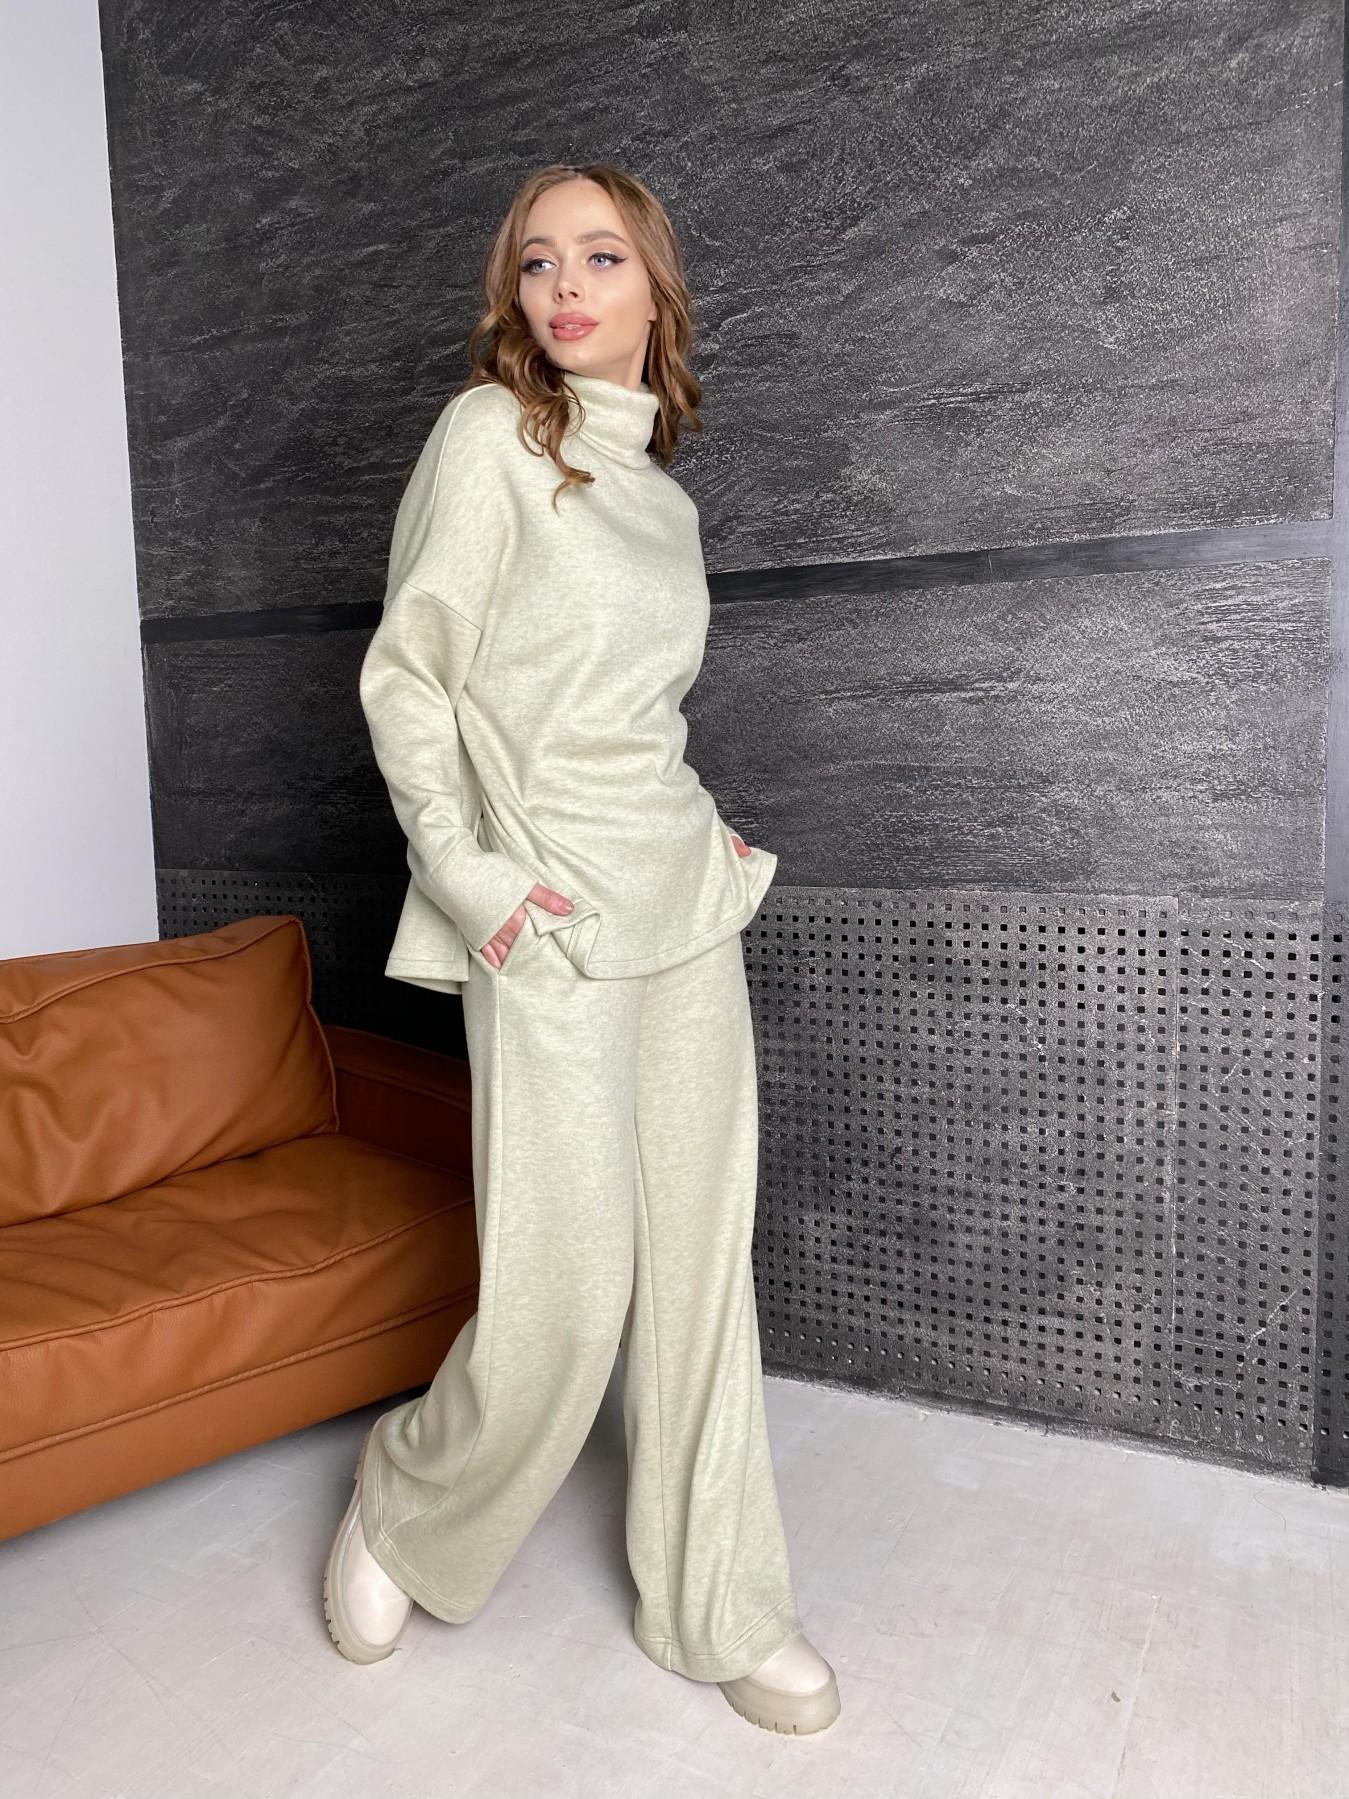 Лав Ю костюм из ангоры 10531 АРТ. 46873 Цвет: Фисташковый - фото 3, интернет магазин tm-modus.ru